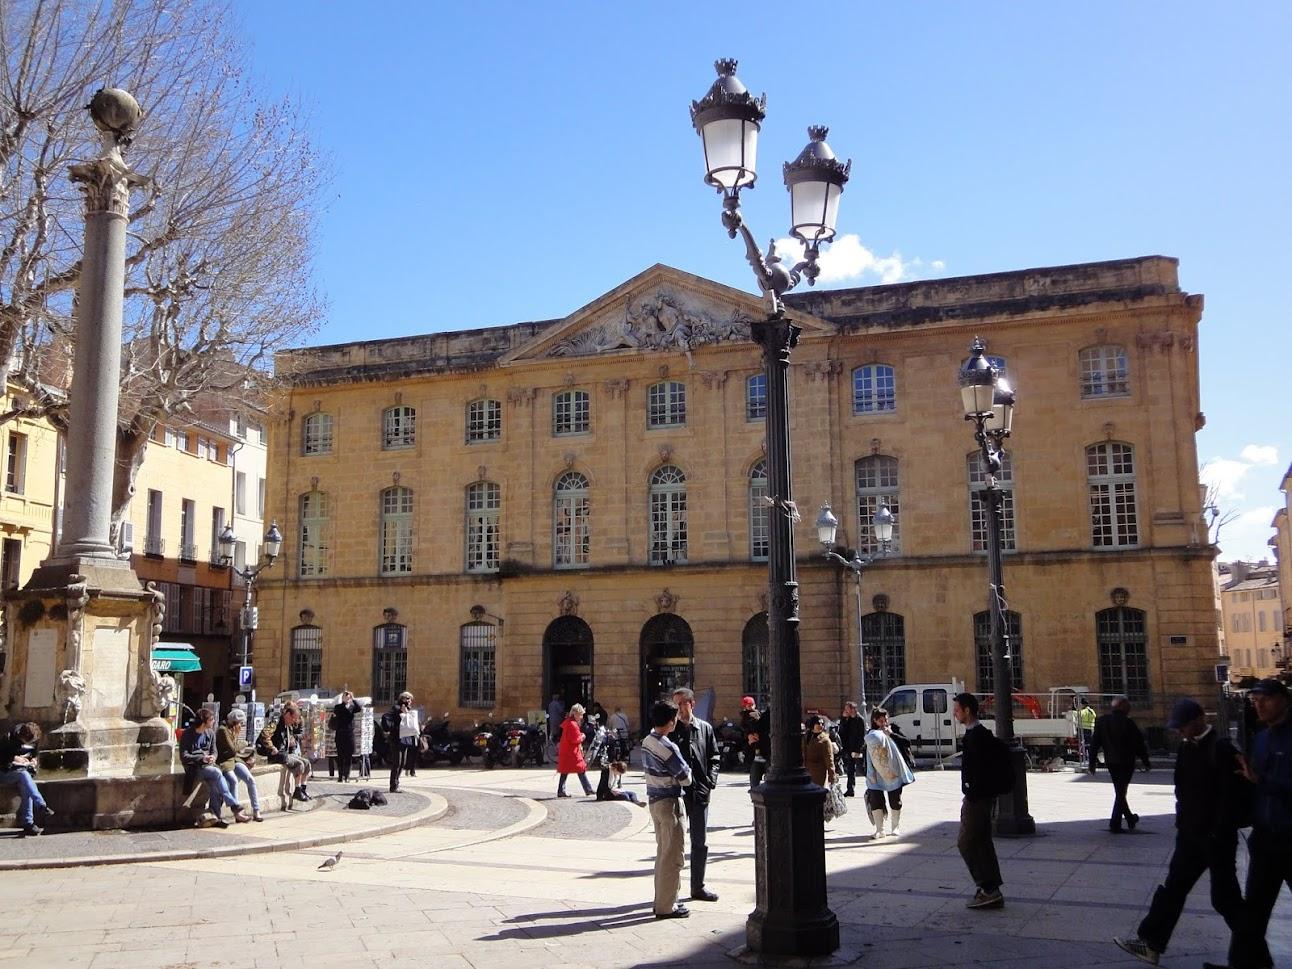 Ancienne Halle aux grains à Aix-en-Provence